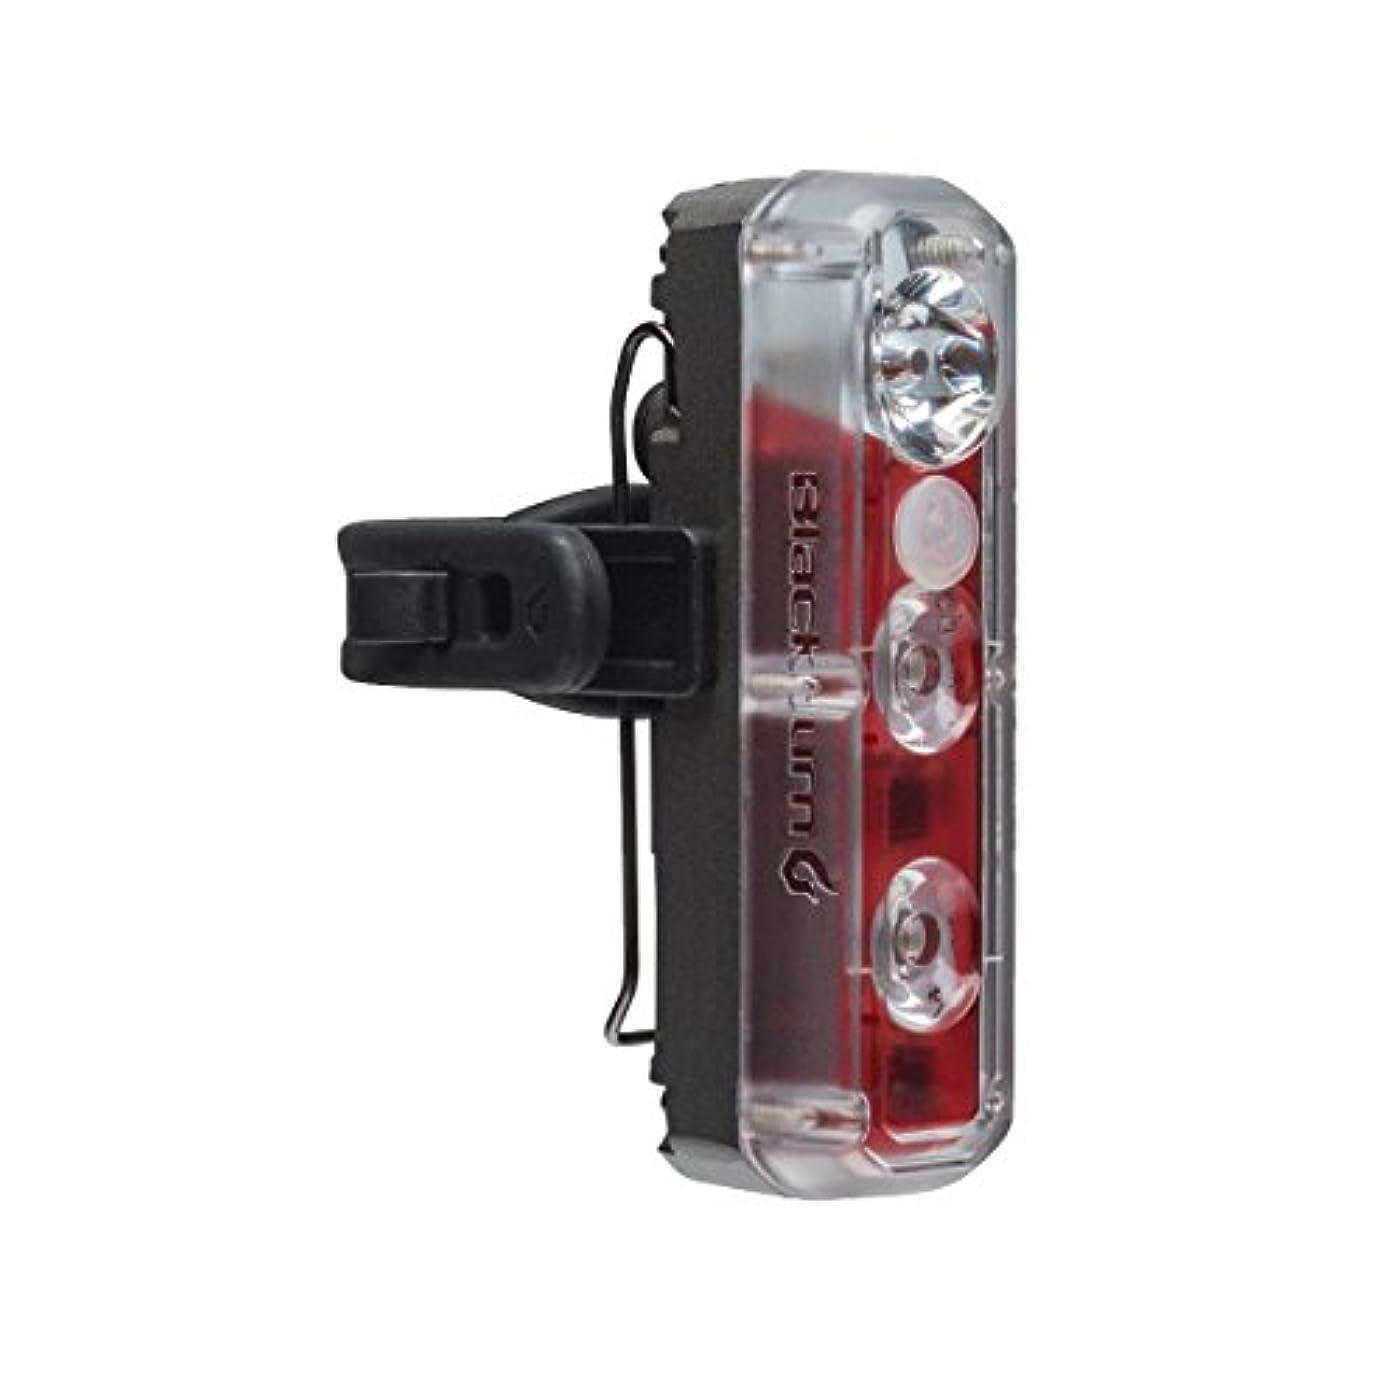 有効復活させるヒギンズBlackburn(ブラックバーン) Blackburn(ブラックバーン) 自転車 ライト フロント リア 両用 サイクル LED USB 完全防水 完全防塵 IP-67 200ルーメン [2ファーXLフロントorリア] 7085185